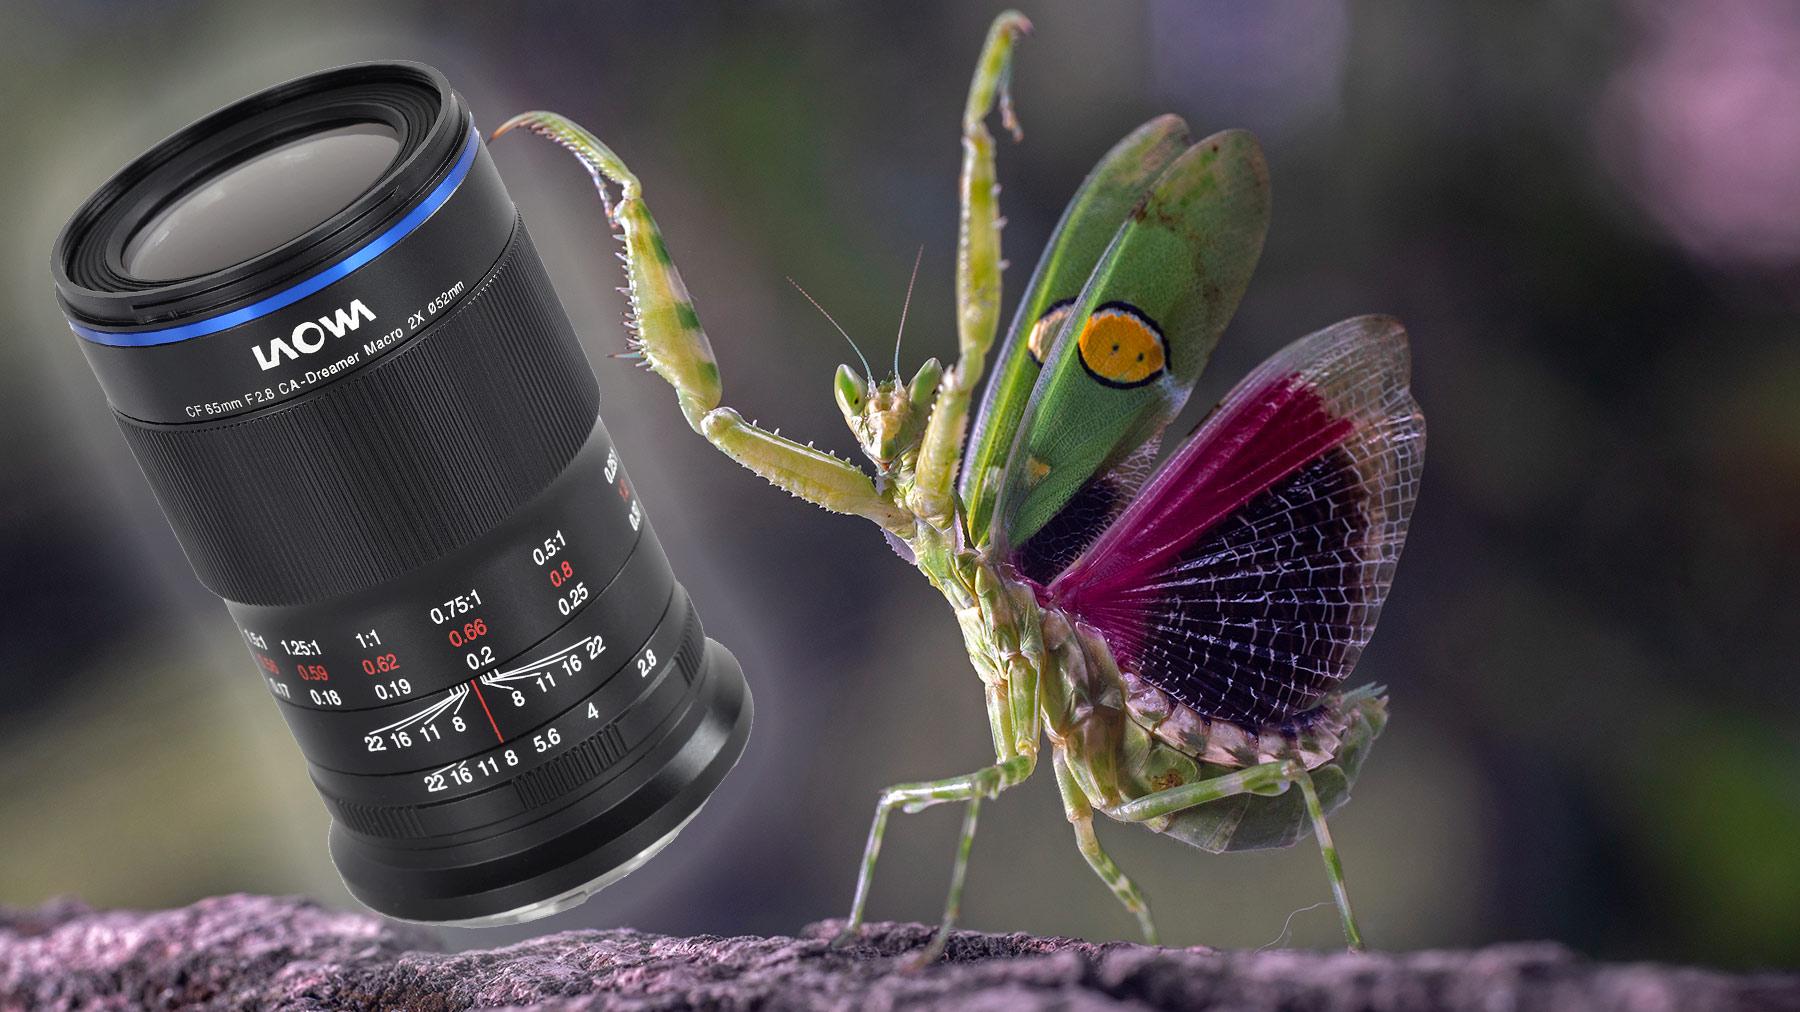 Laowa 65mm f /2.8 Ống kính APO 2X Macro cho APS-C được công bố 1